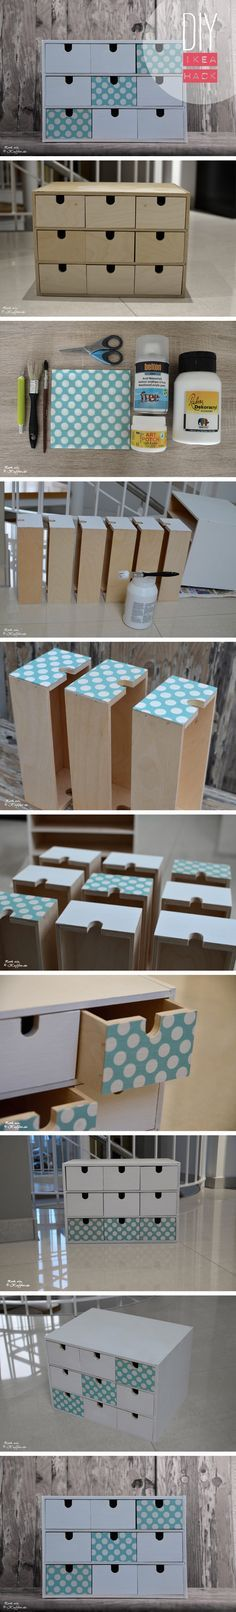 DIY Ikea Hack: Fira Minikommode  IKEA HACK: EIN NEUER PLATZ FÜR ALLE MEINE SACHEN. FIRA IST JETZT SCHICK UND VINTAGE :)